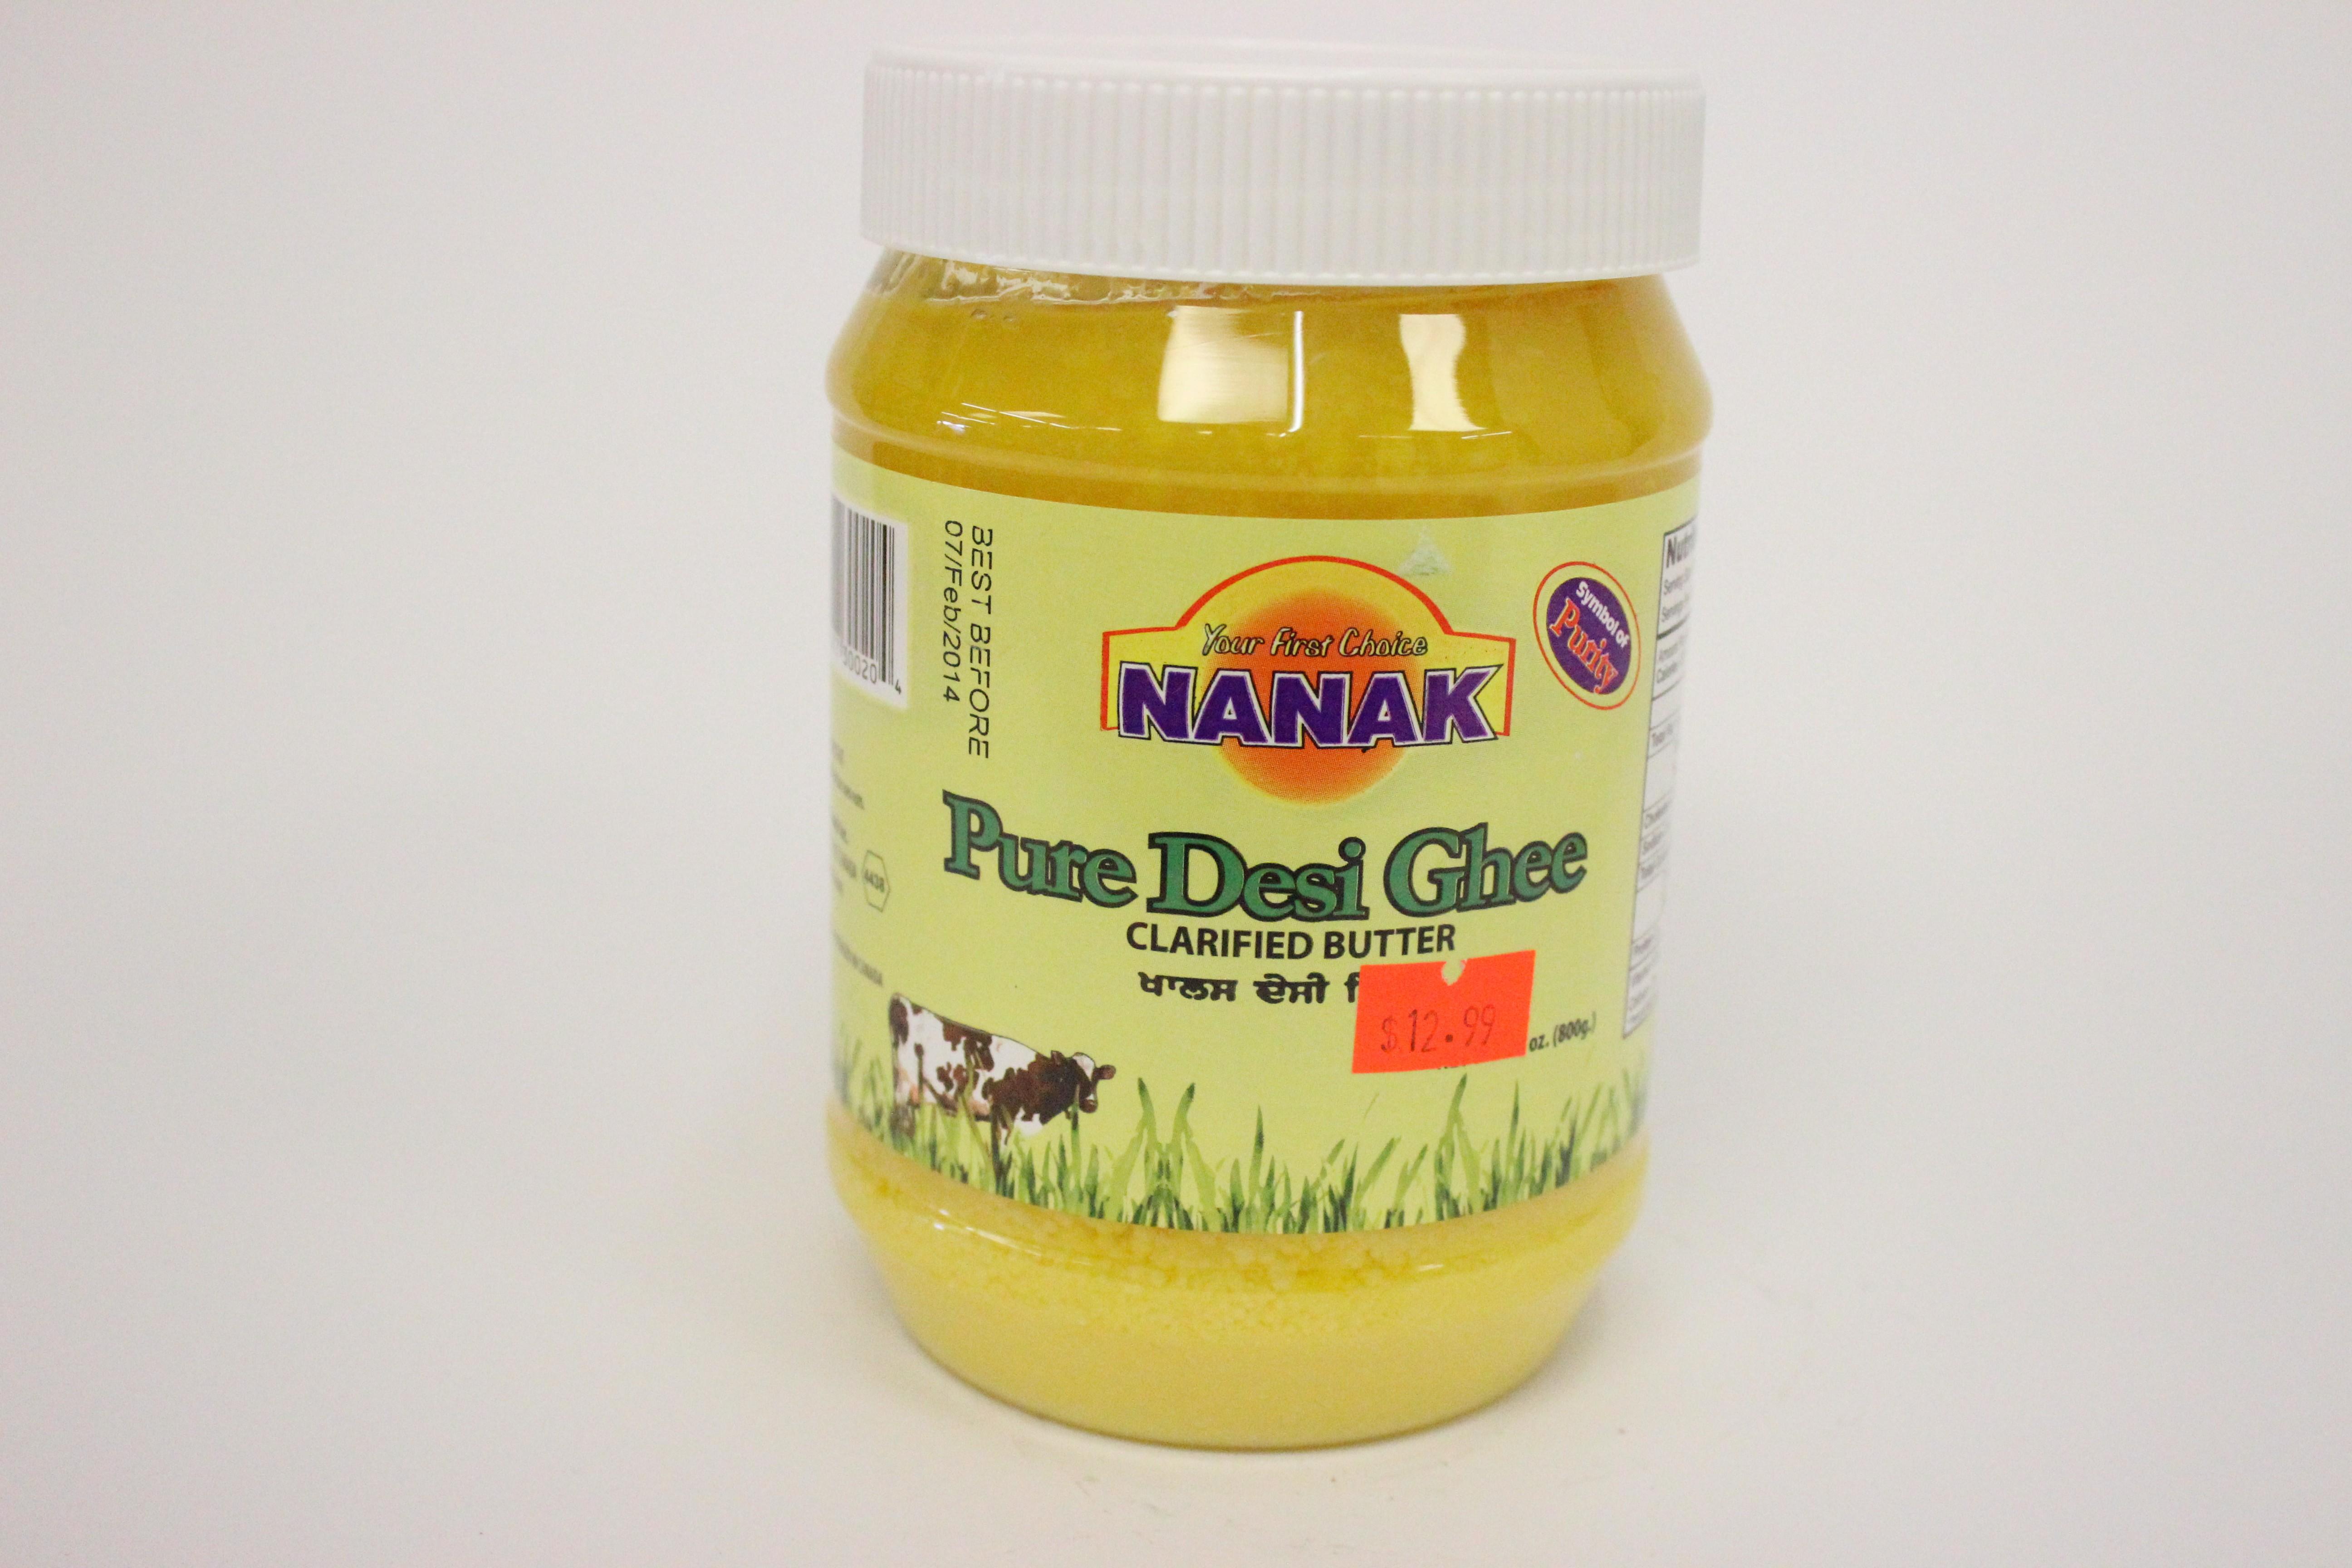 Nanak Pure Desi Ghee 28 oz